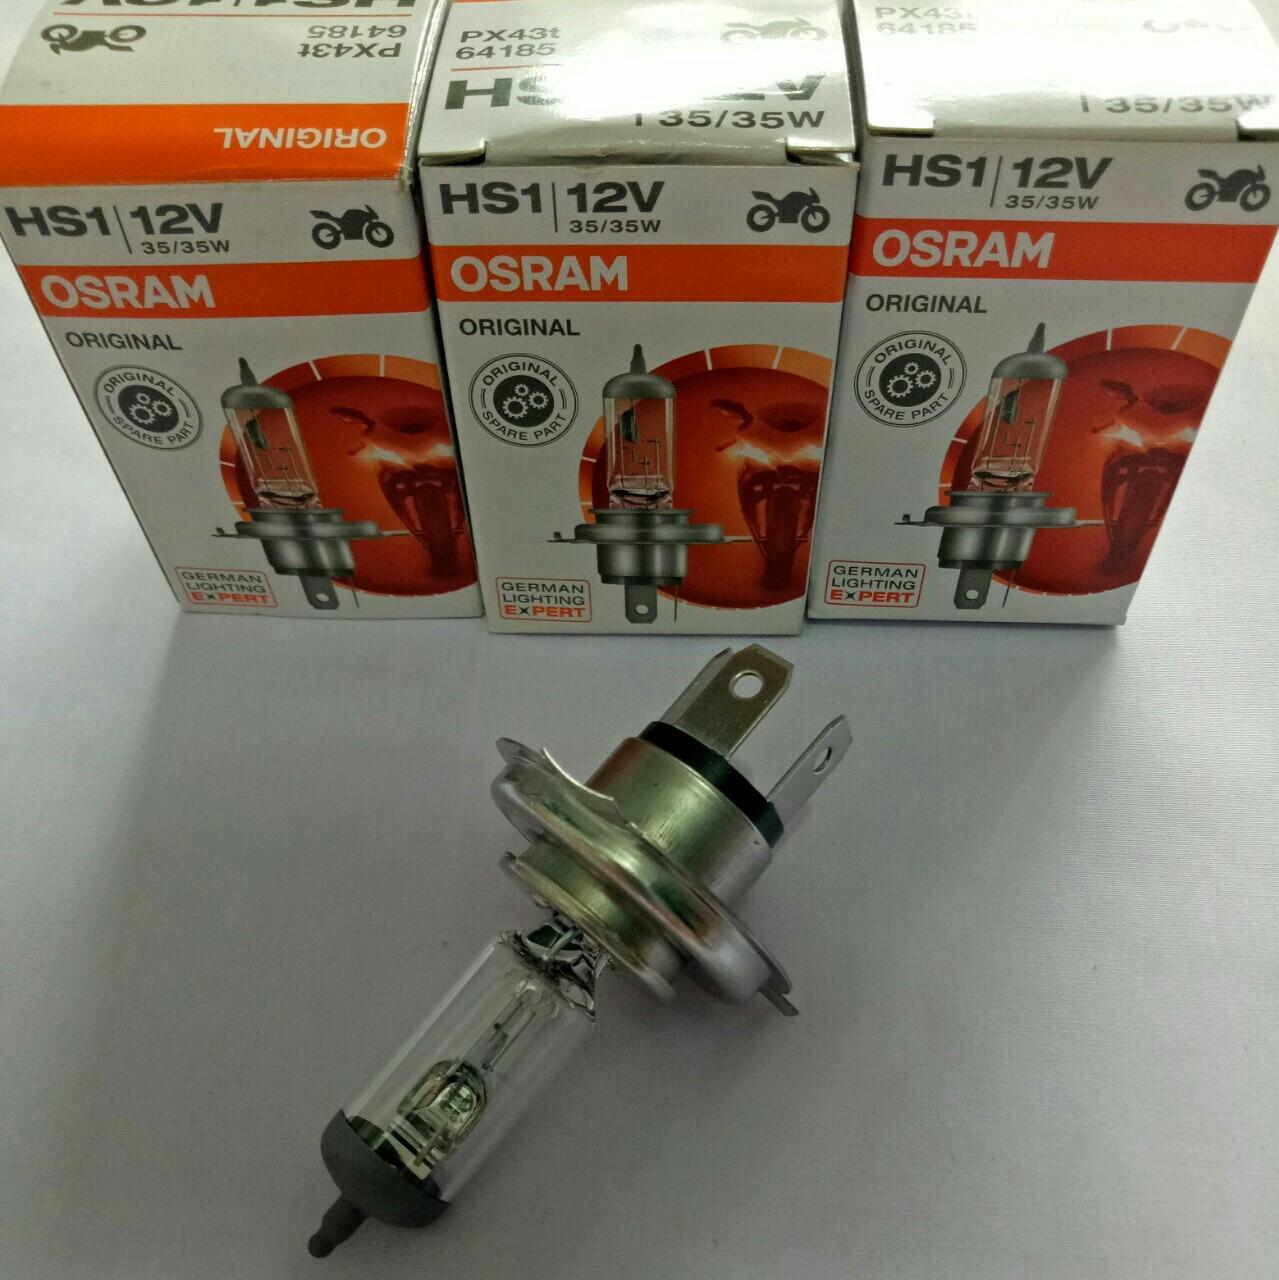 Jual Lampu Osram Terlengkap Termurah Depan Motor Yamaha Vixion Hs1 64185cb Cool Blue Gratis Sarung Tangan Bohlam Hologen 35 35w Standard